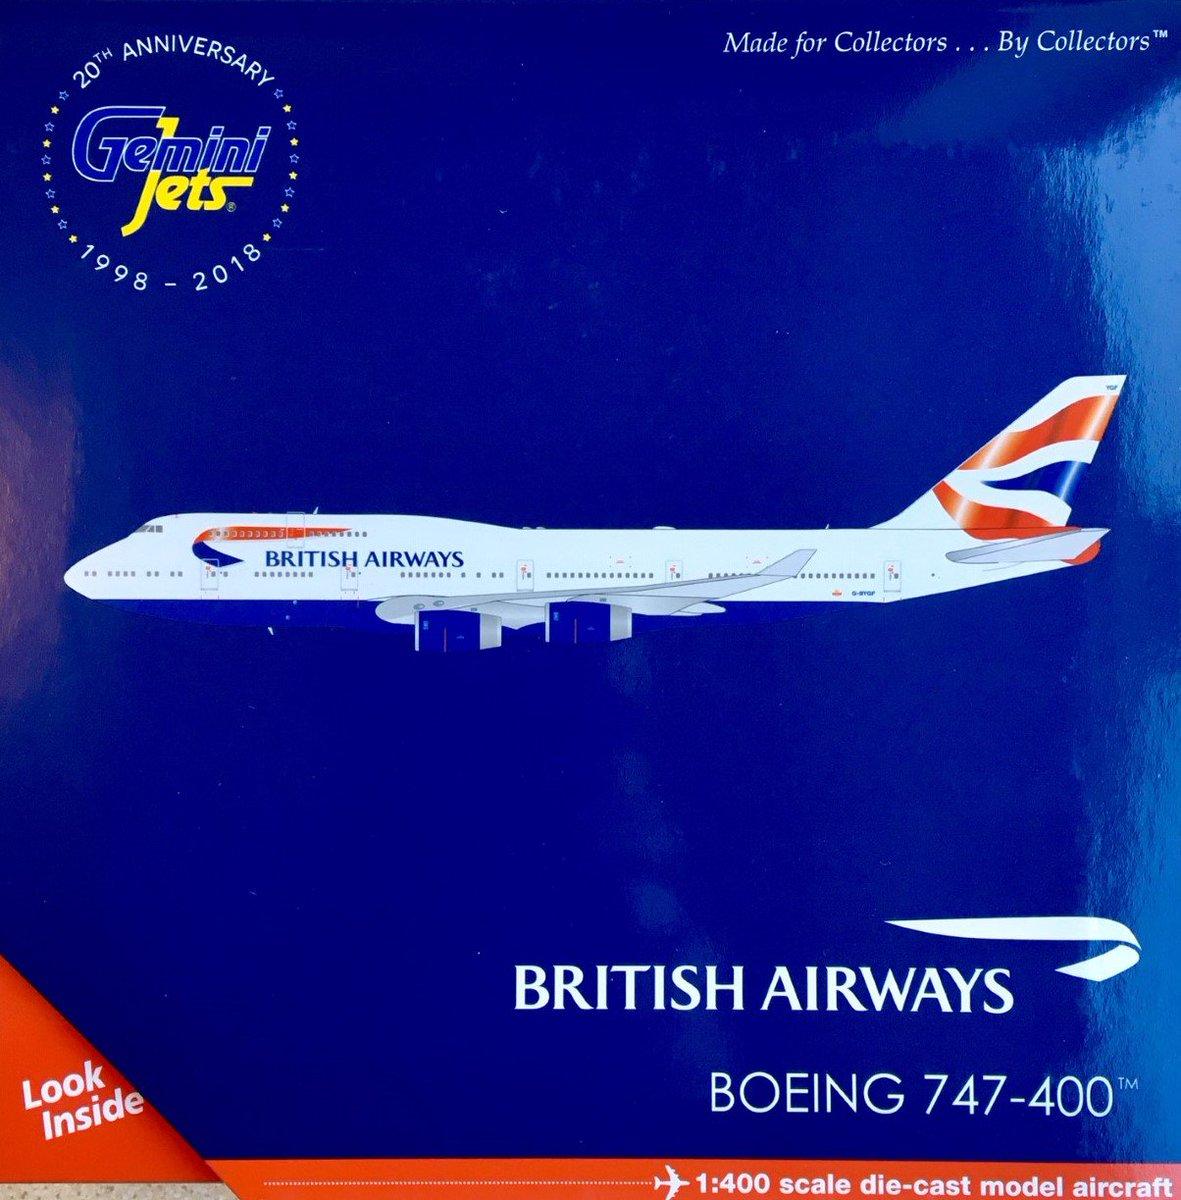 Boeing 747-400 British Airways aircraft round sticker